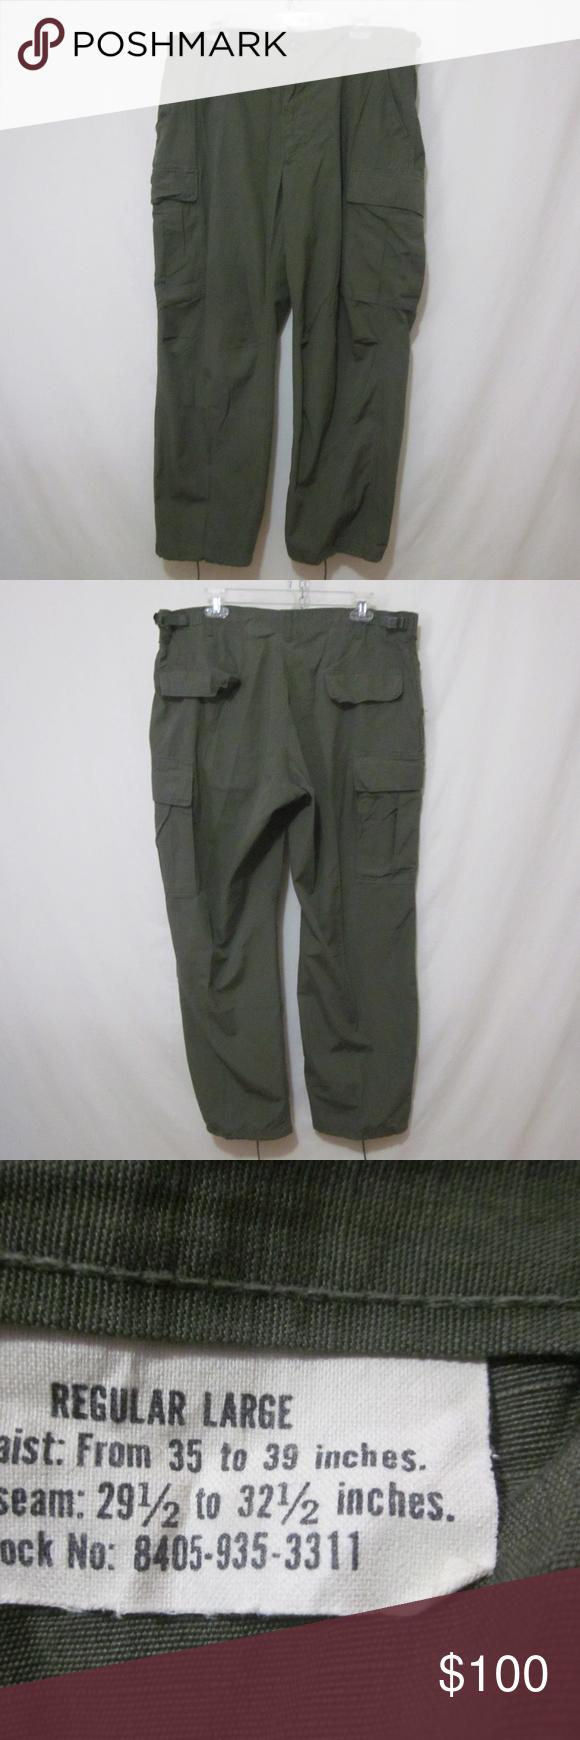 Vietnam War USGI OG107 Ripstop Jungle Pants For sale is a